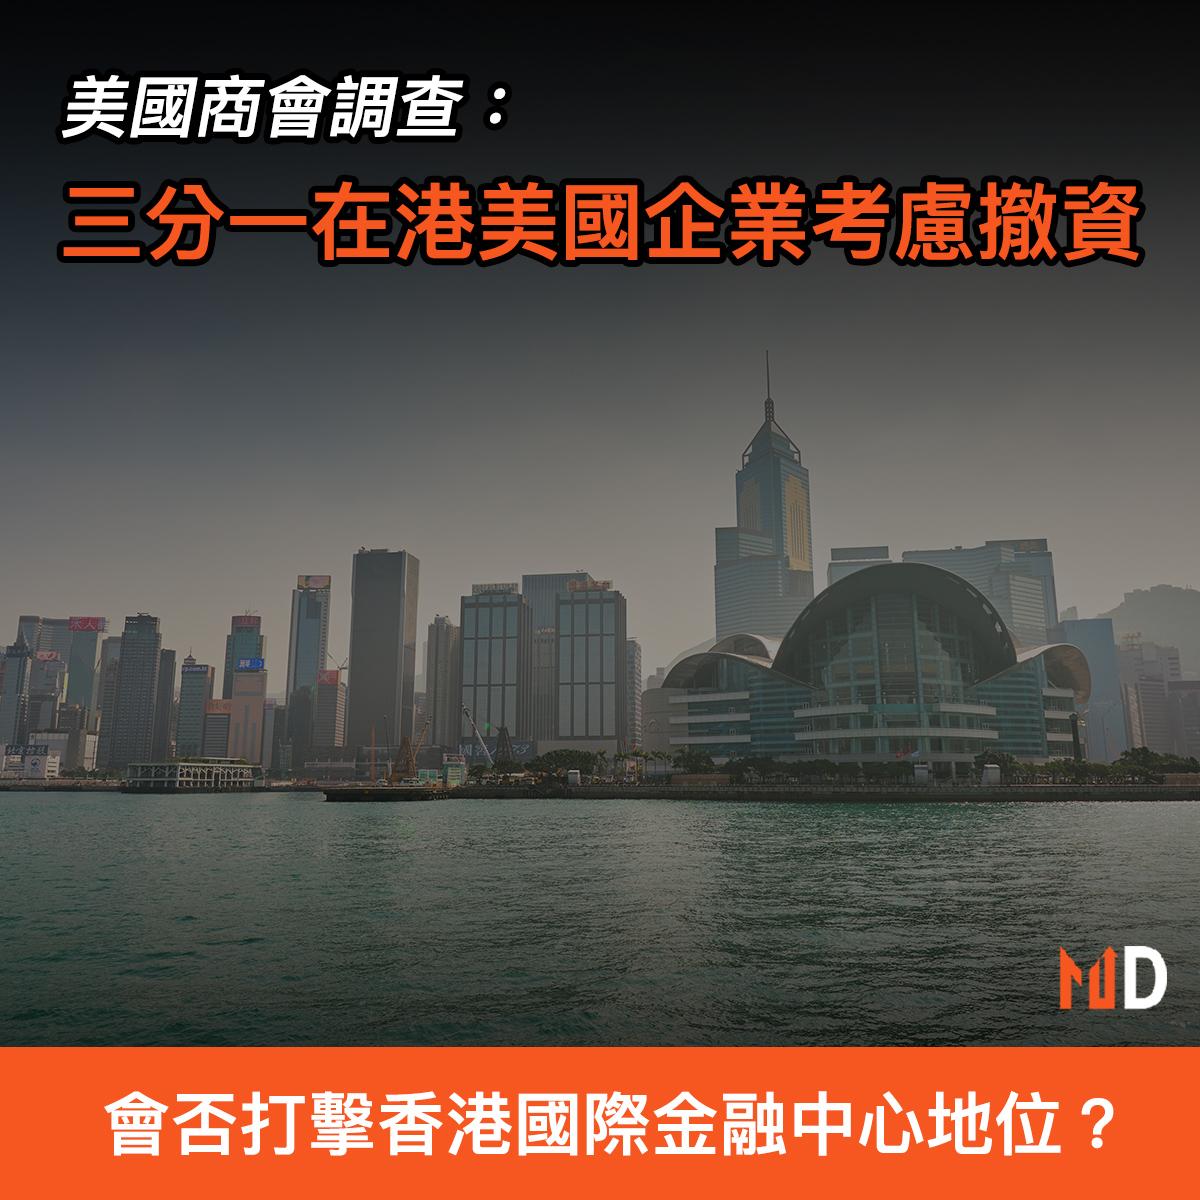 【市場熱話】美國商會調查:三分一在港美國企業考慮撤資